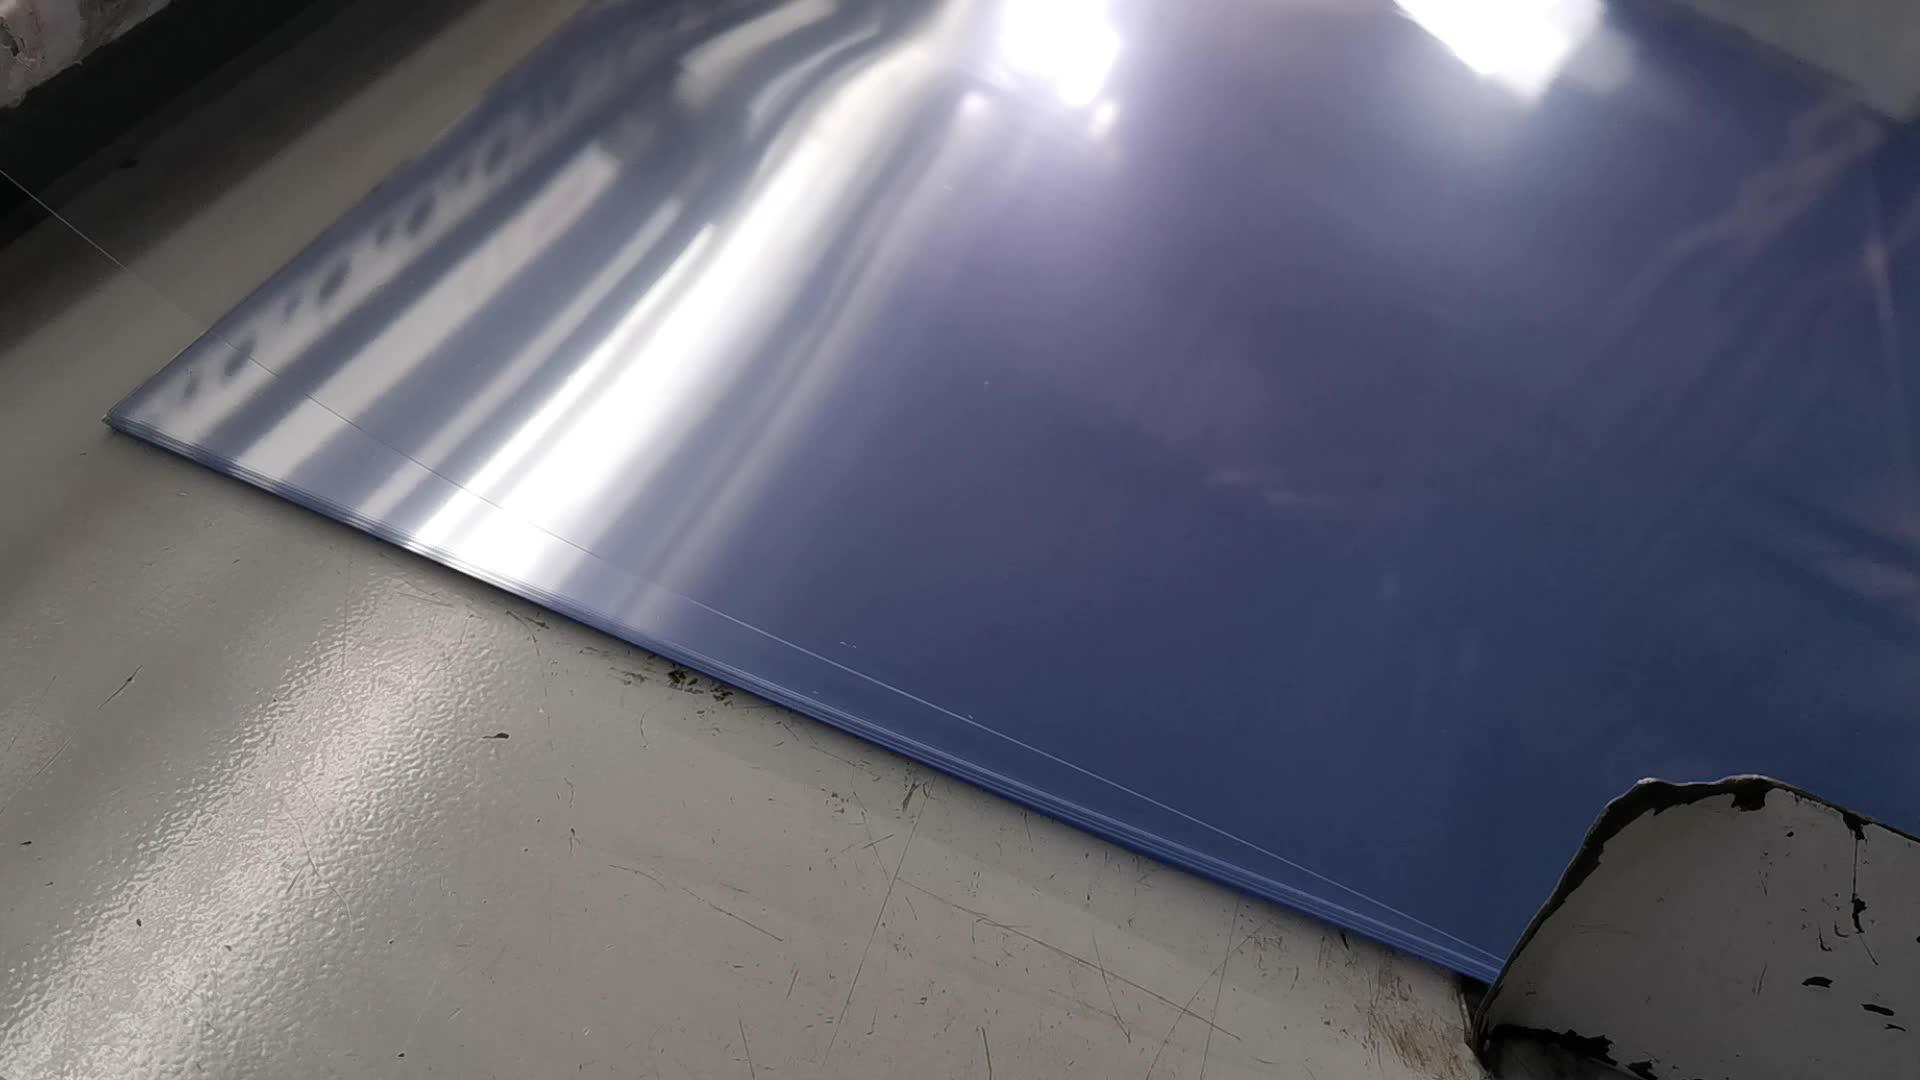 Scatola di Imballaggio di Plastica Trasparente Della Copertura di Rilegatura 200 Micron PVC Trasparente Foglio di A4